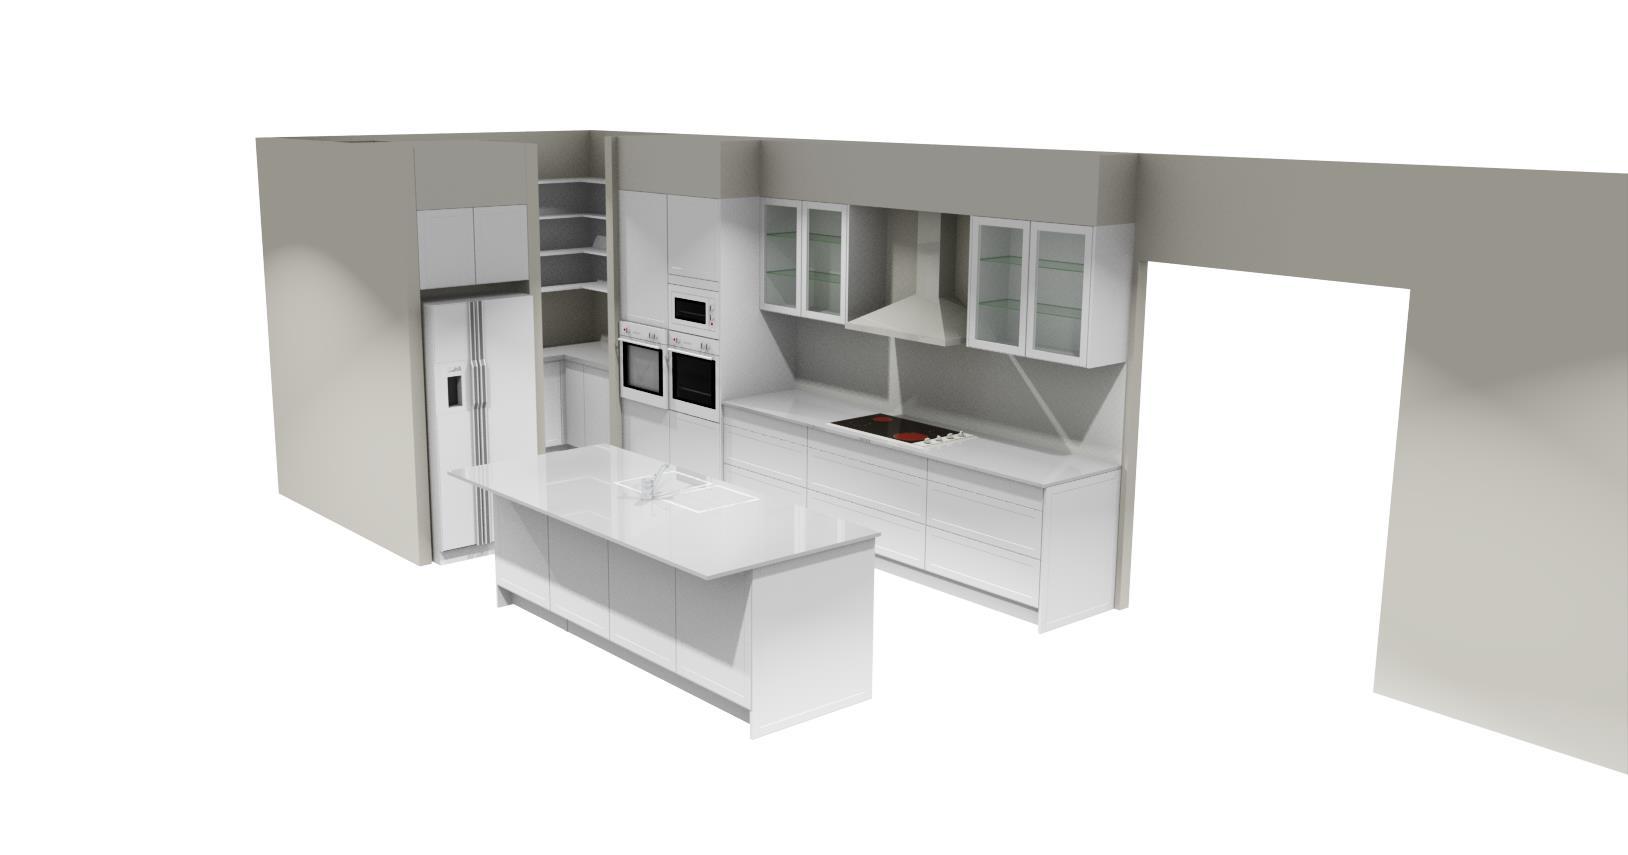 Diy Flat Pack Kitchens Southern Highlands Kitchen Co Kitchen Renovations Kitchen